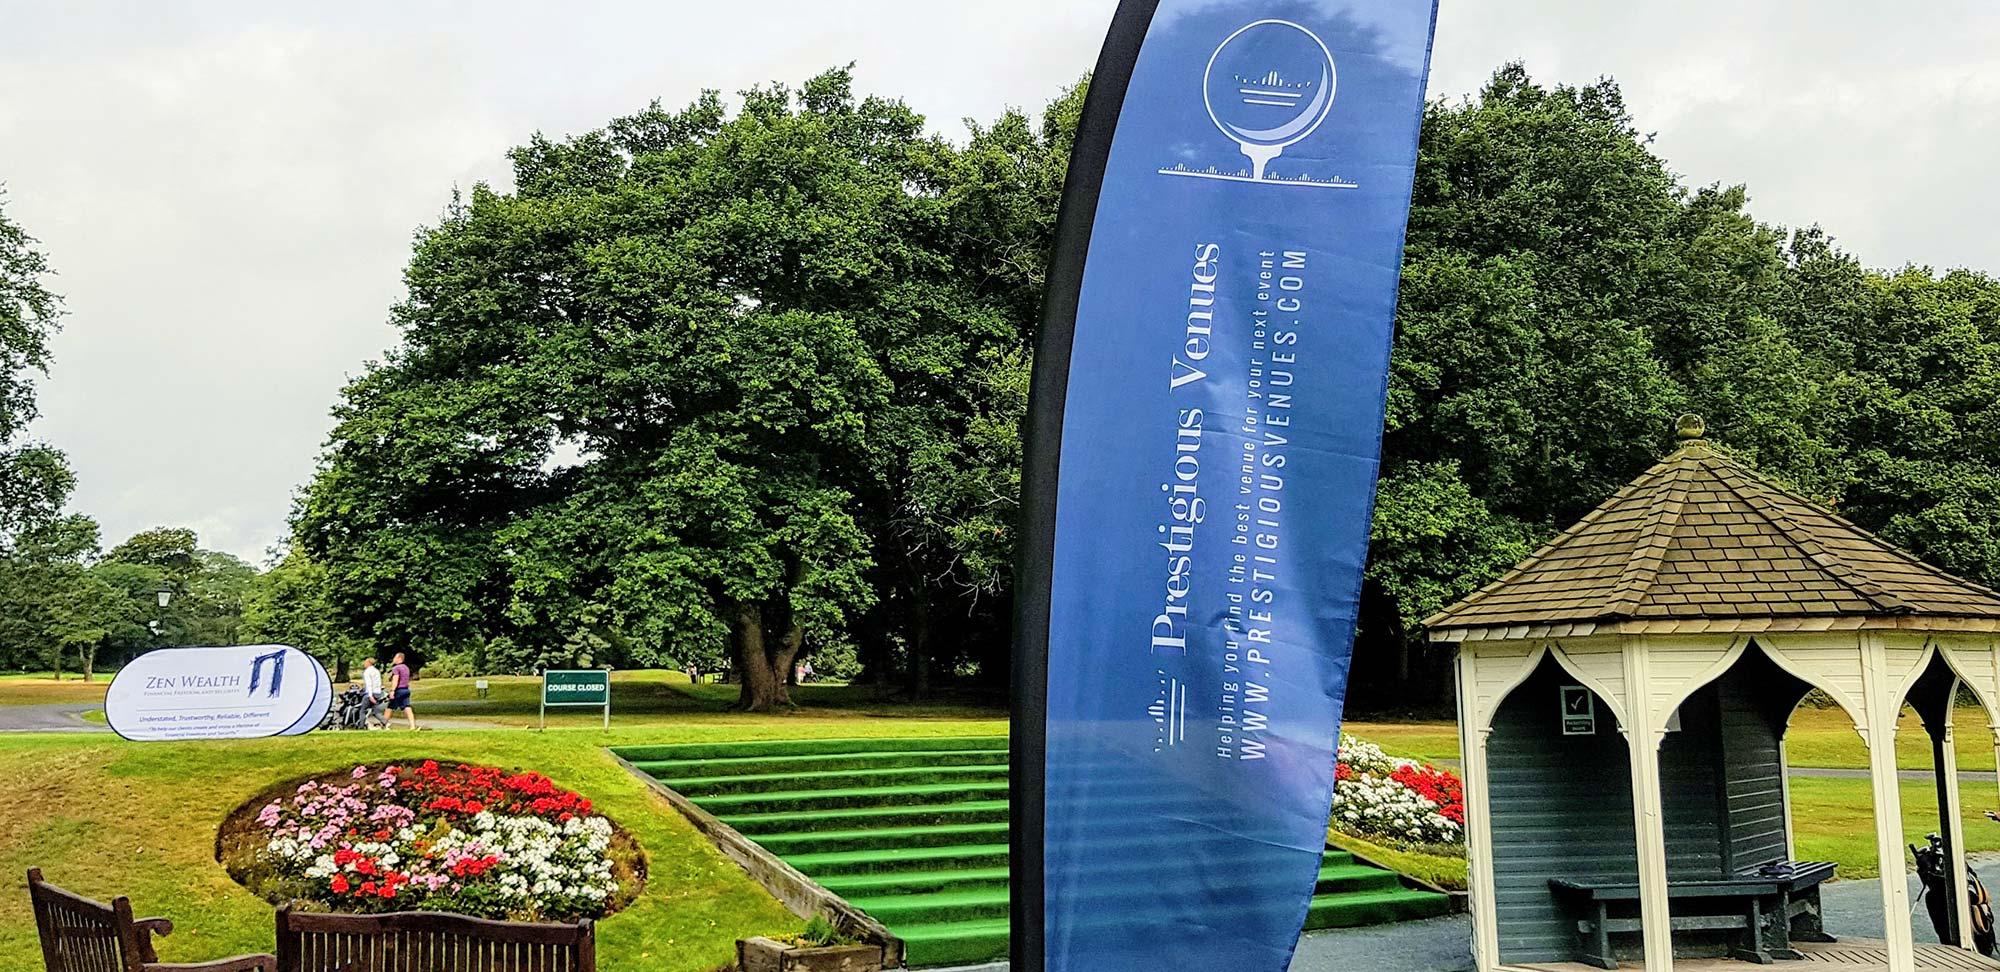 Prestigious Venues Golf Day 2019, 19